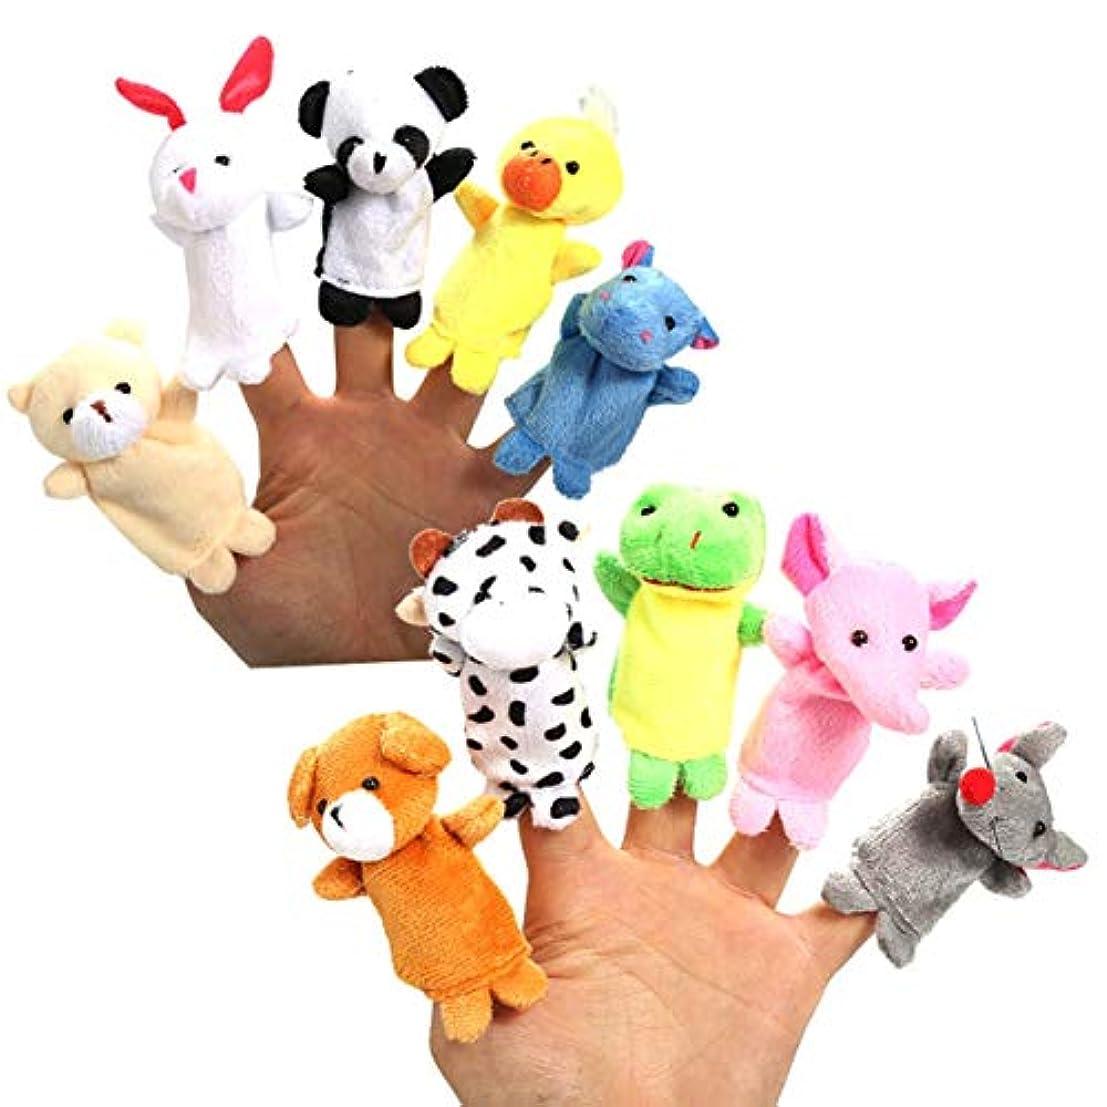 なめらかな磨かれた手ぬいぐるみ指人形漫画動物指ぬいぐるみ子供の教育玩具子供の人形赤ちゃんぬいぐるみぬいぐるみ-カラフル